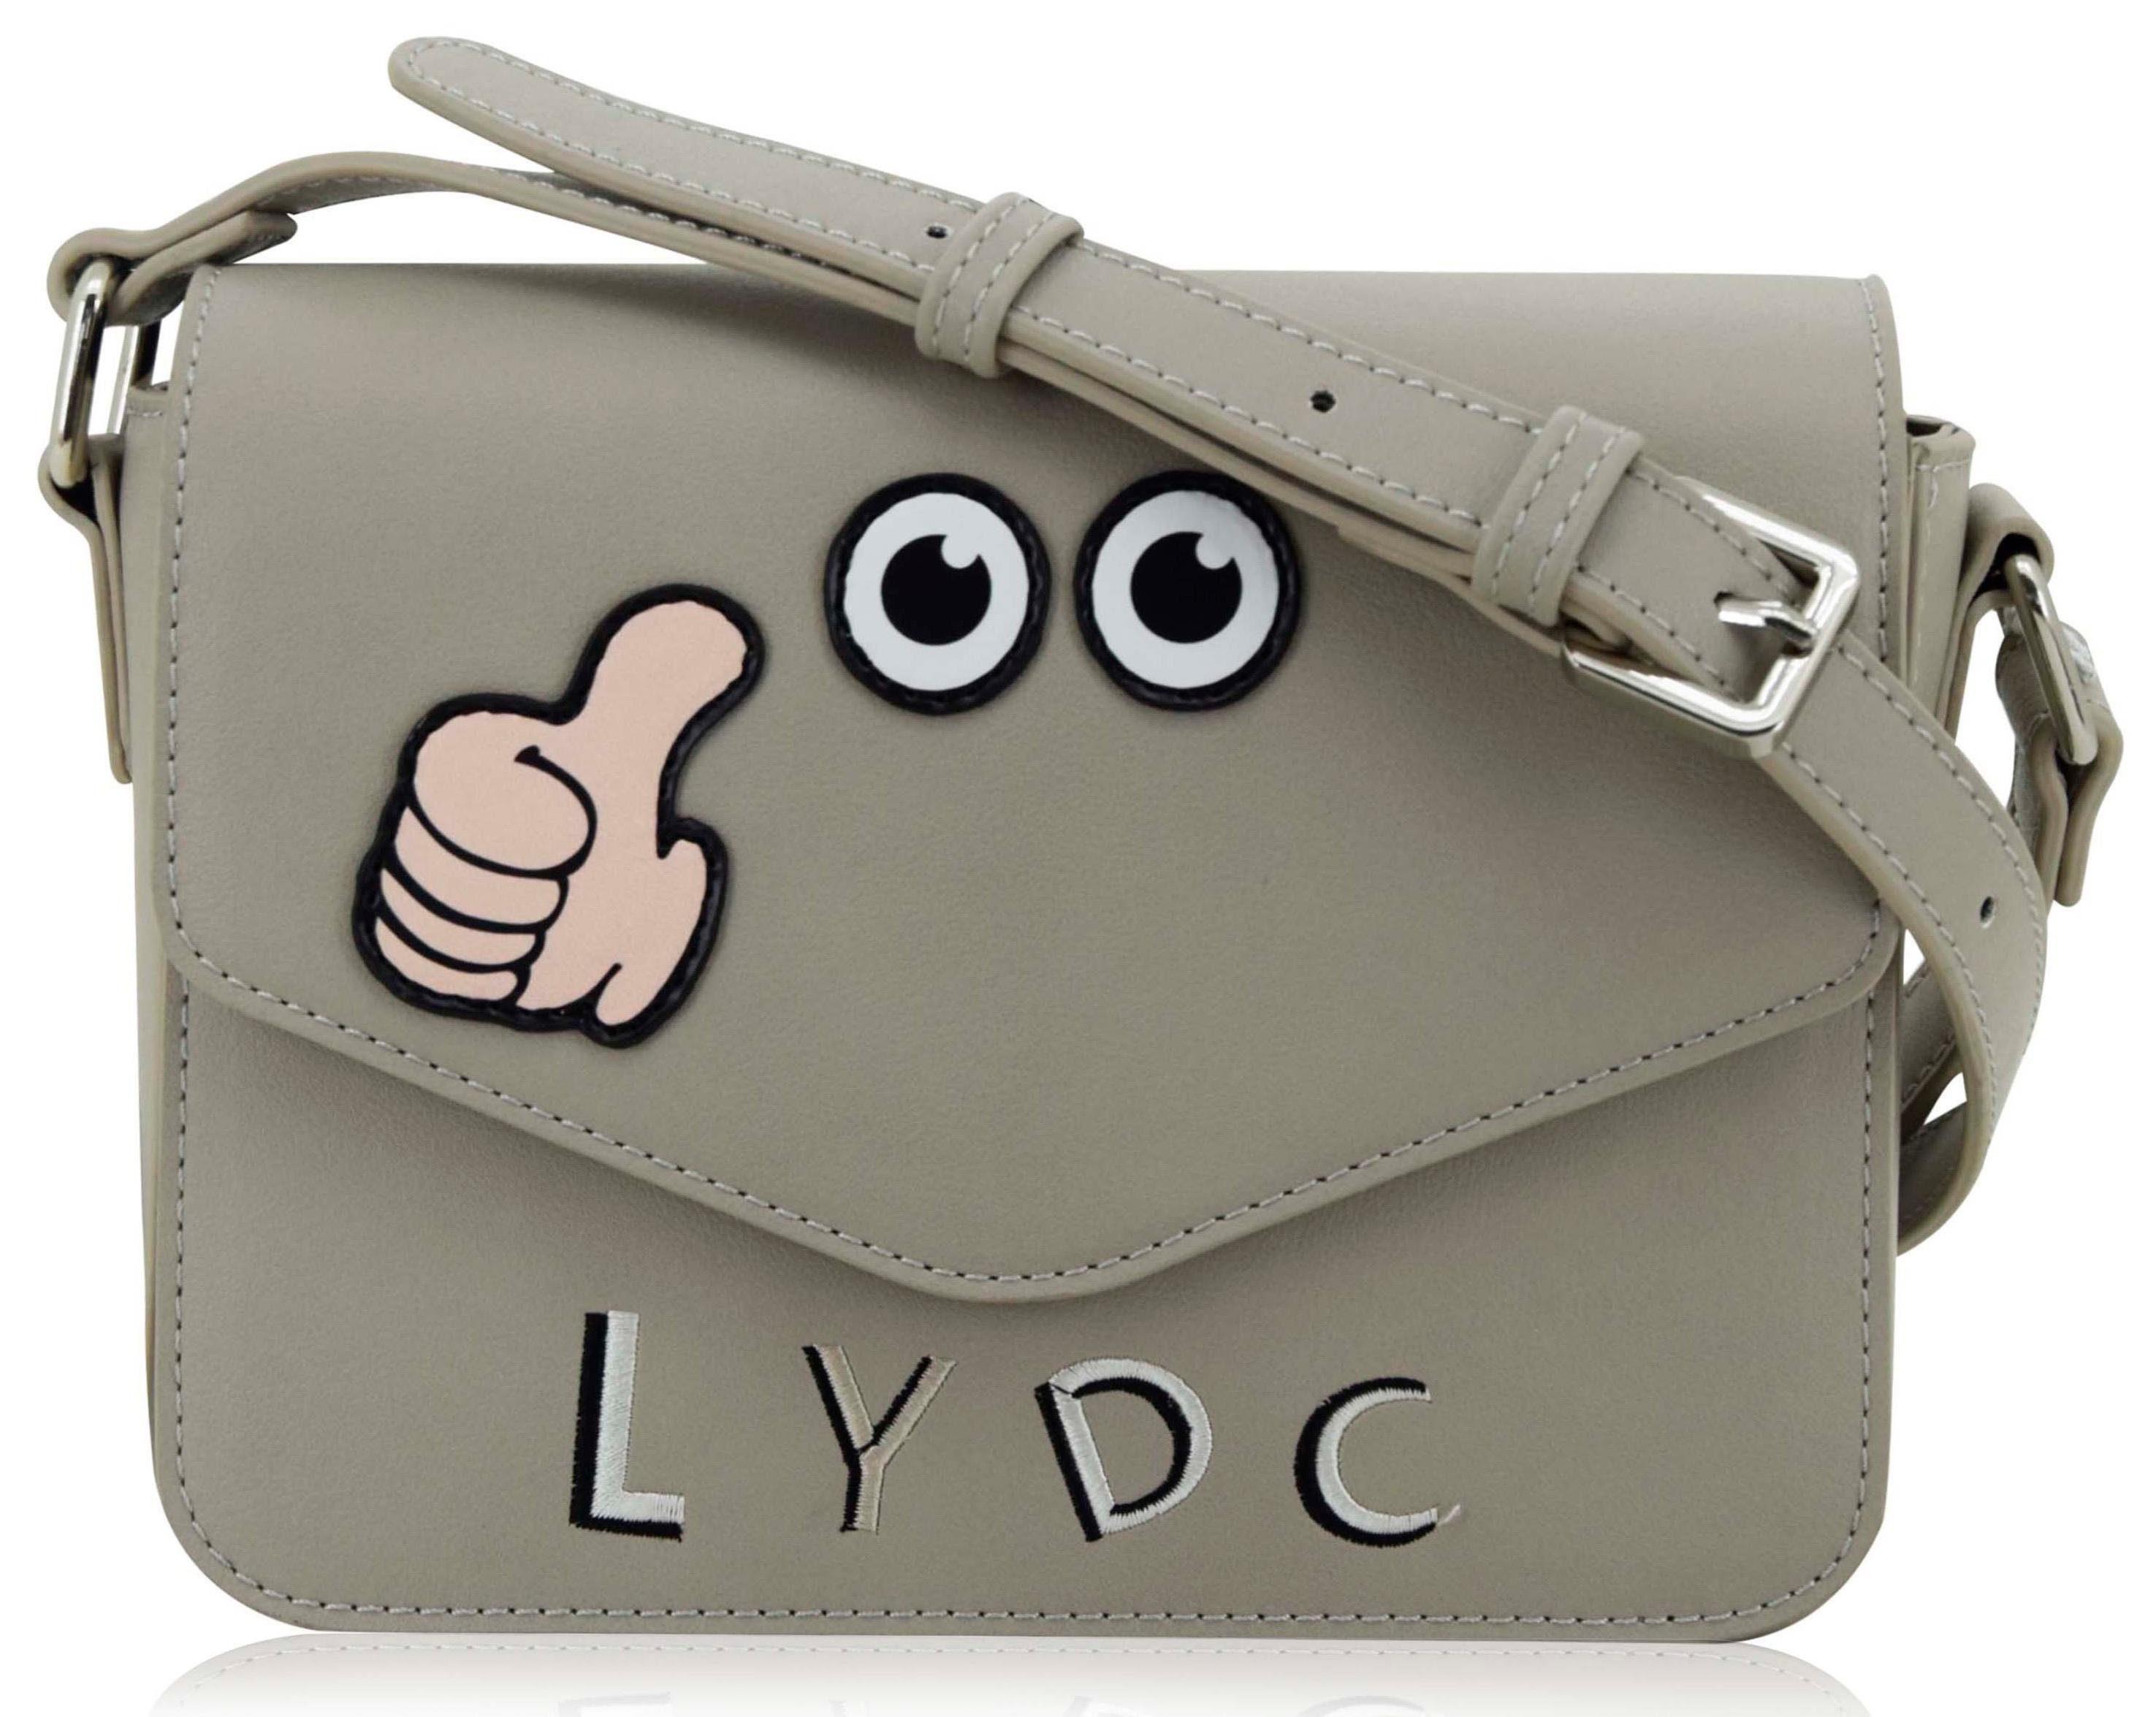 LYDC Umhängetasche »Amy«, mit witzigen Patches